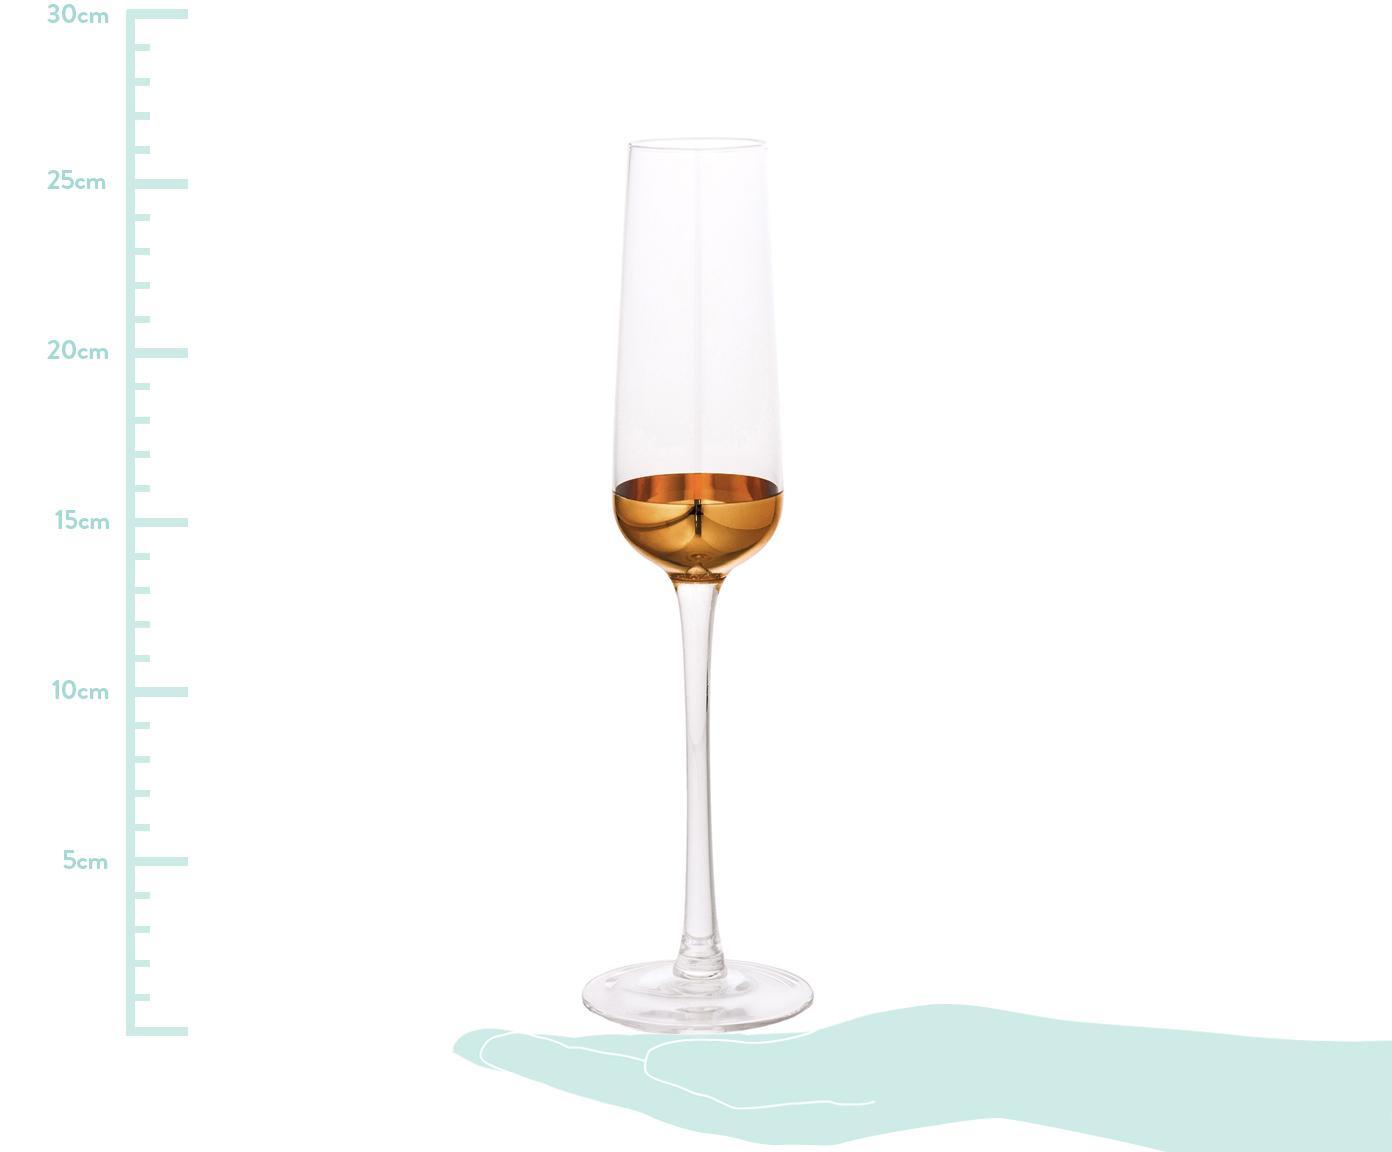 Kieliszek do szampana Copper, 4 szt., Szkło powlekane, Odcienie złotego, Ø 7 x W 26 cm